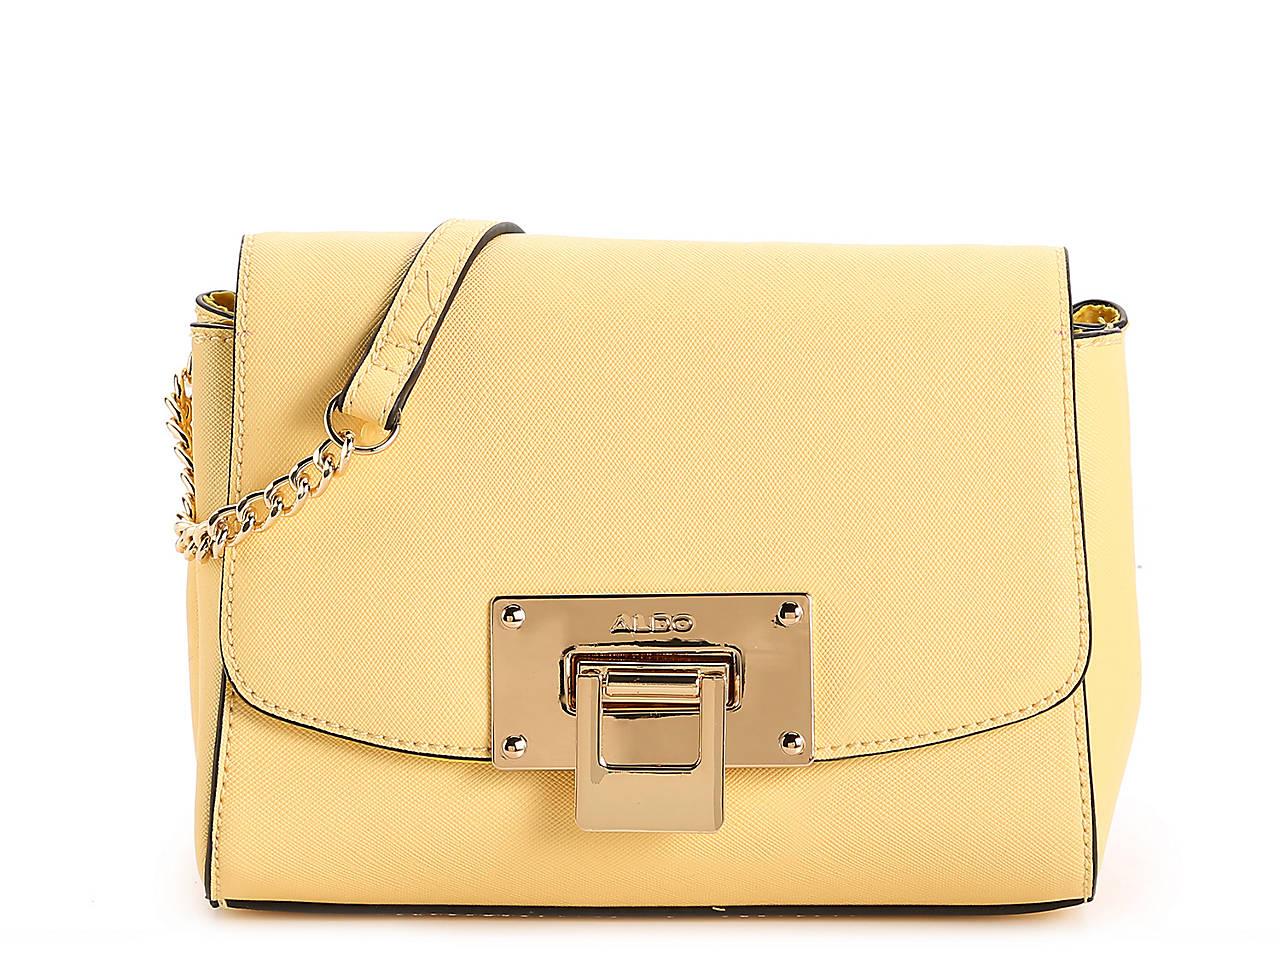 1a9feccb816 Aldo Rotella Crossbody Bag Women's Handbags & Accessories | DSW